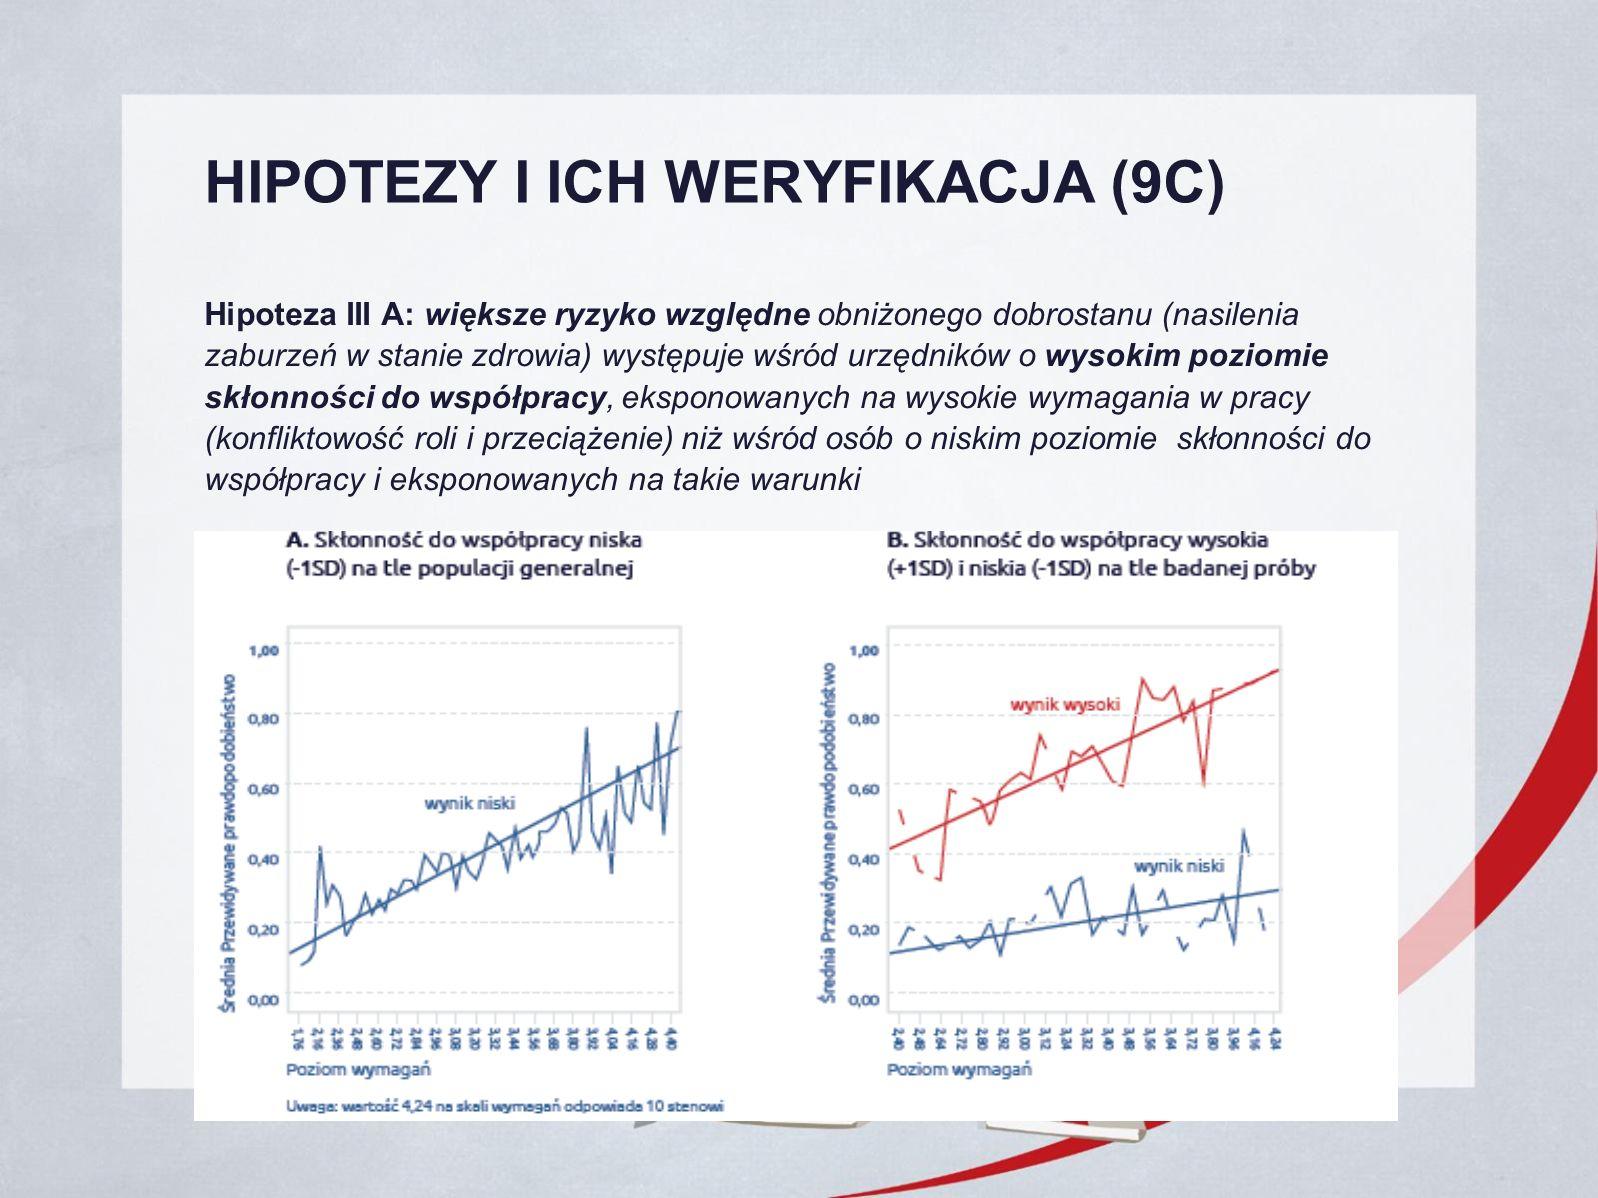 HIPOTEZY I ICH WERYFIKACJA (9C) Hipoteza III A: większe ryzyko względne obniżonego dobrostanu (nasilenia zaburzeń w stanie zdrowia) występuje wśród urzędników o wysokim poziomie skłonności do współpracy, eksponowanych na wysokie wymagania w pracy (konfliktowość roli i przeciążenie) niż wśród osób o niskim poziomie skłonności do współpracy i eksponowanych na takie warunki